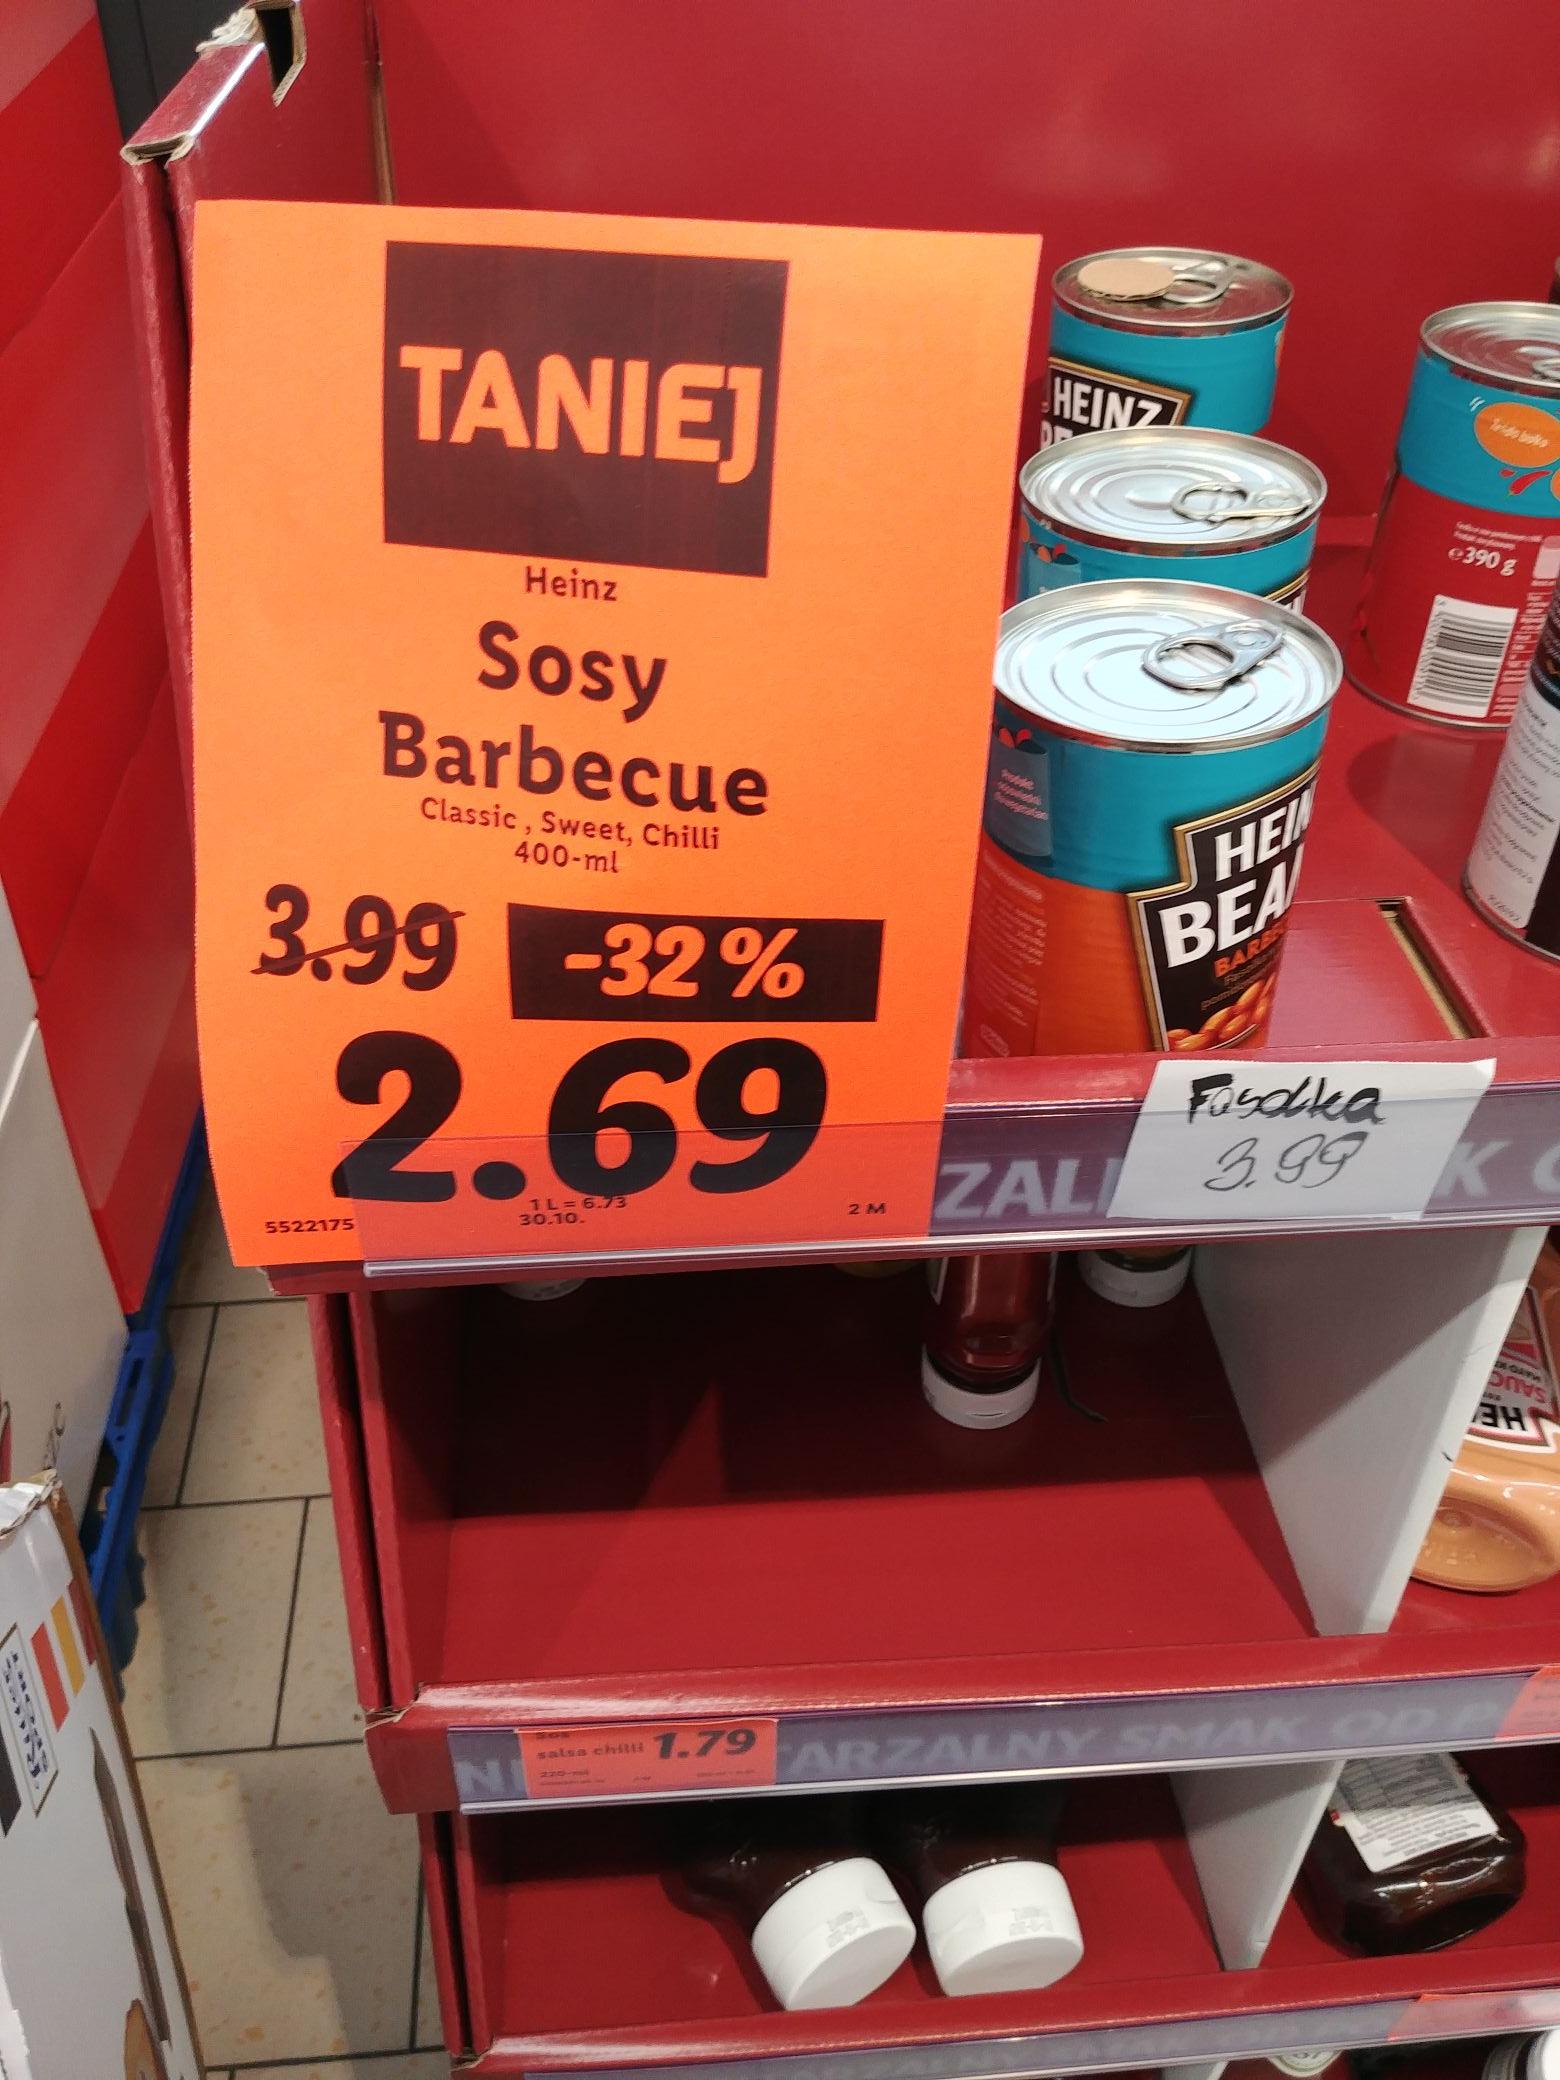 Sosy Heinz BBQ za 2.69 w Lidlu